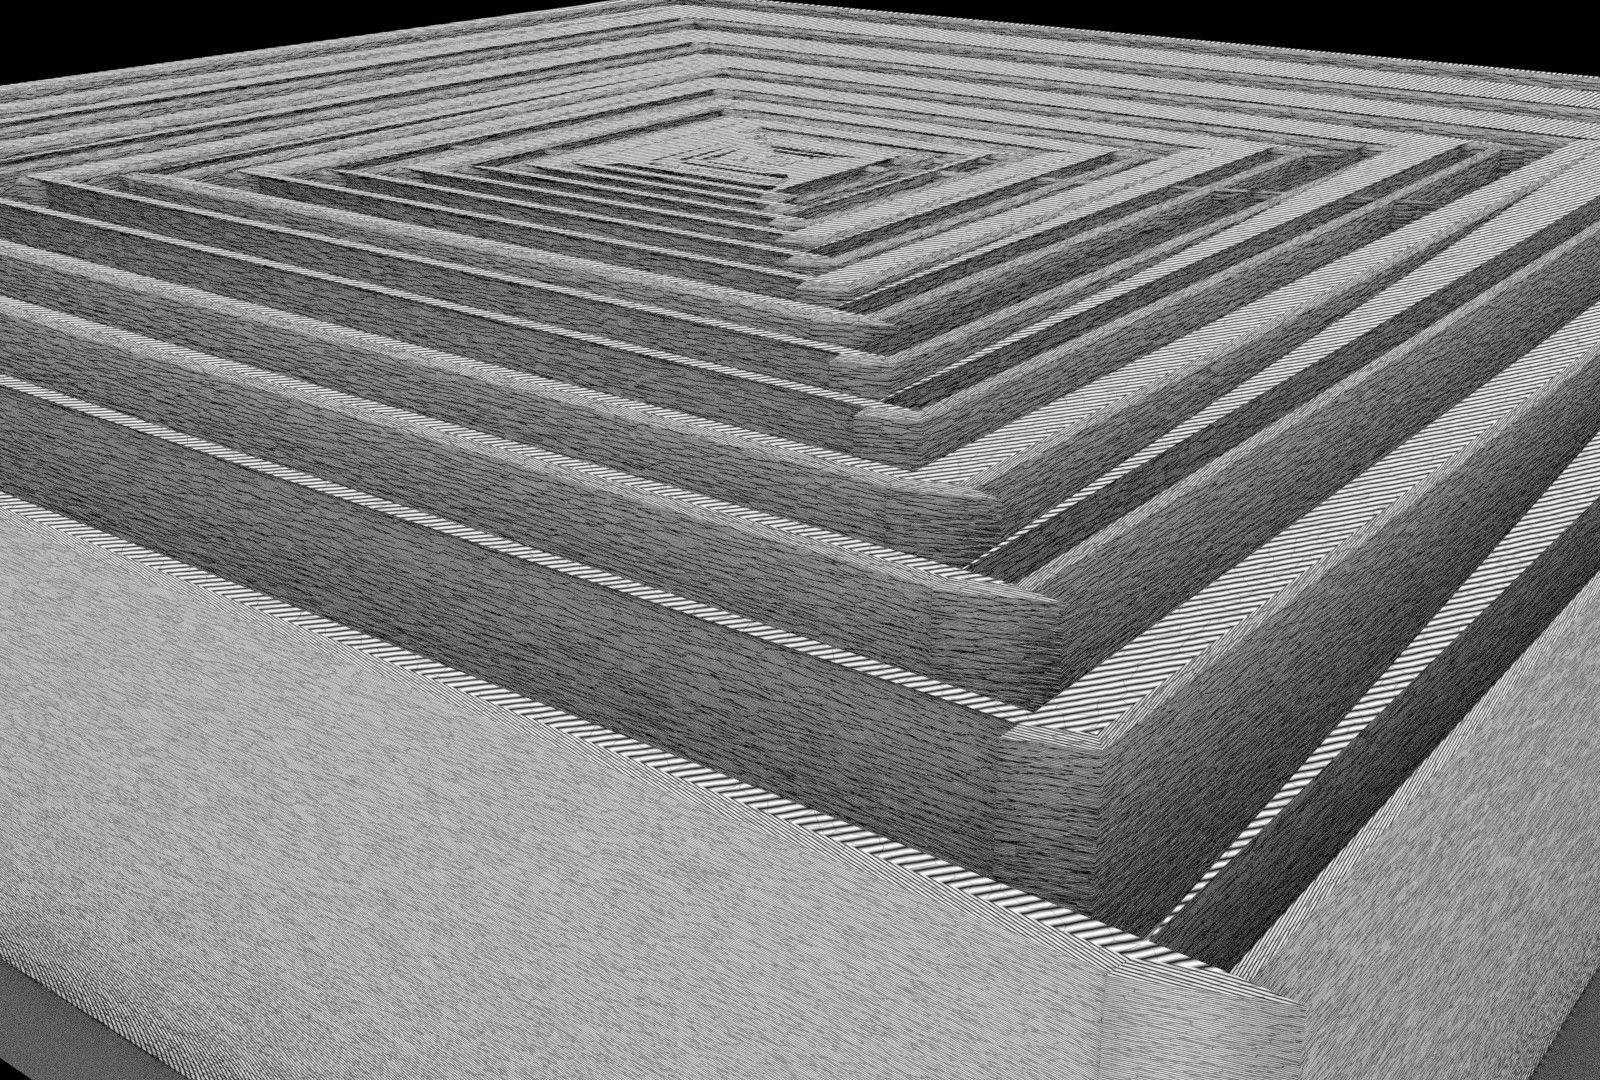 untitled - Digital 3D - 1600 x 1080 px